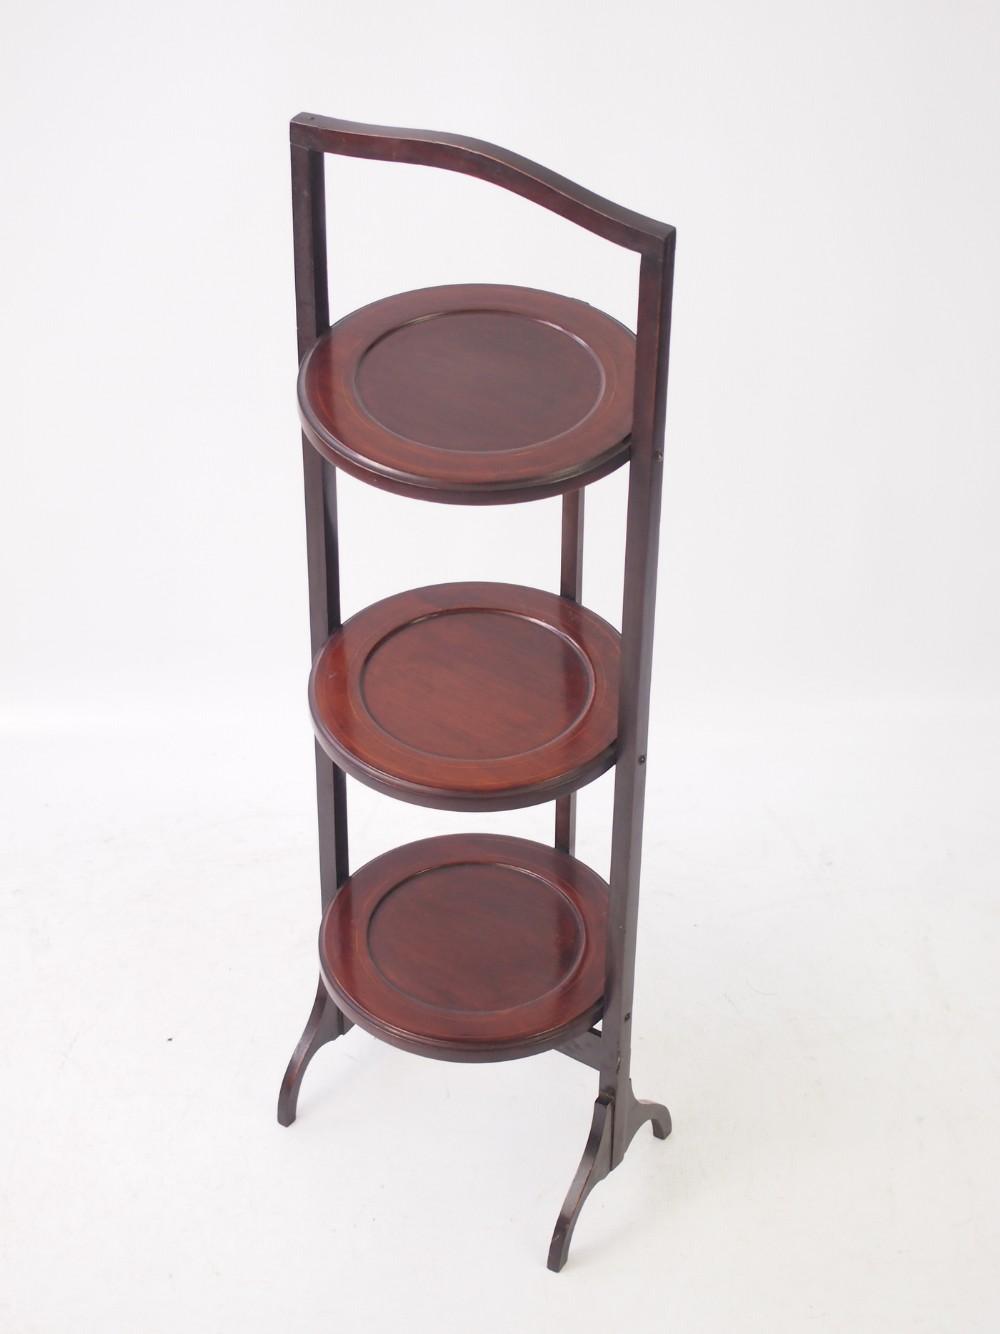 edwardian inlaid mahogany cake stand